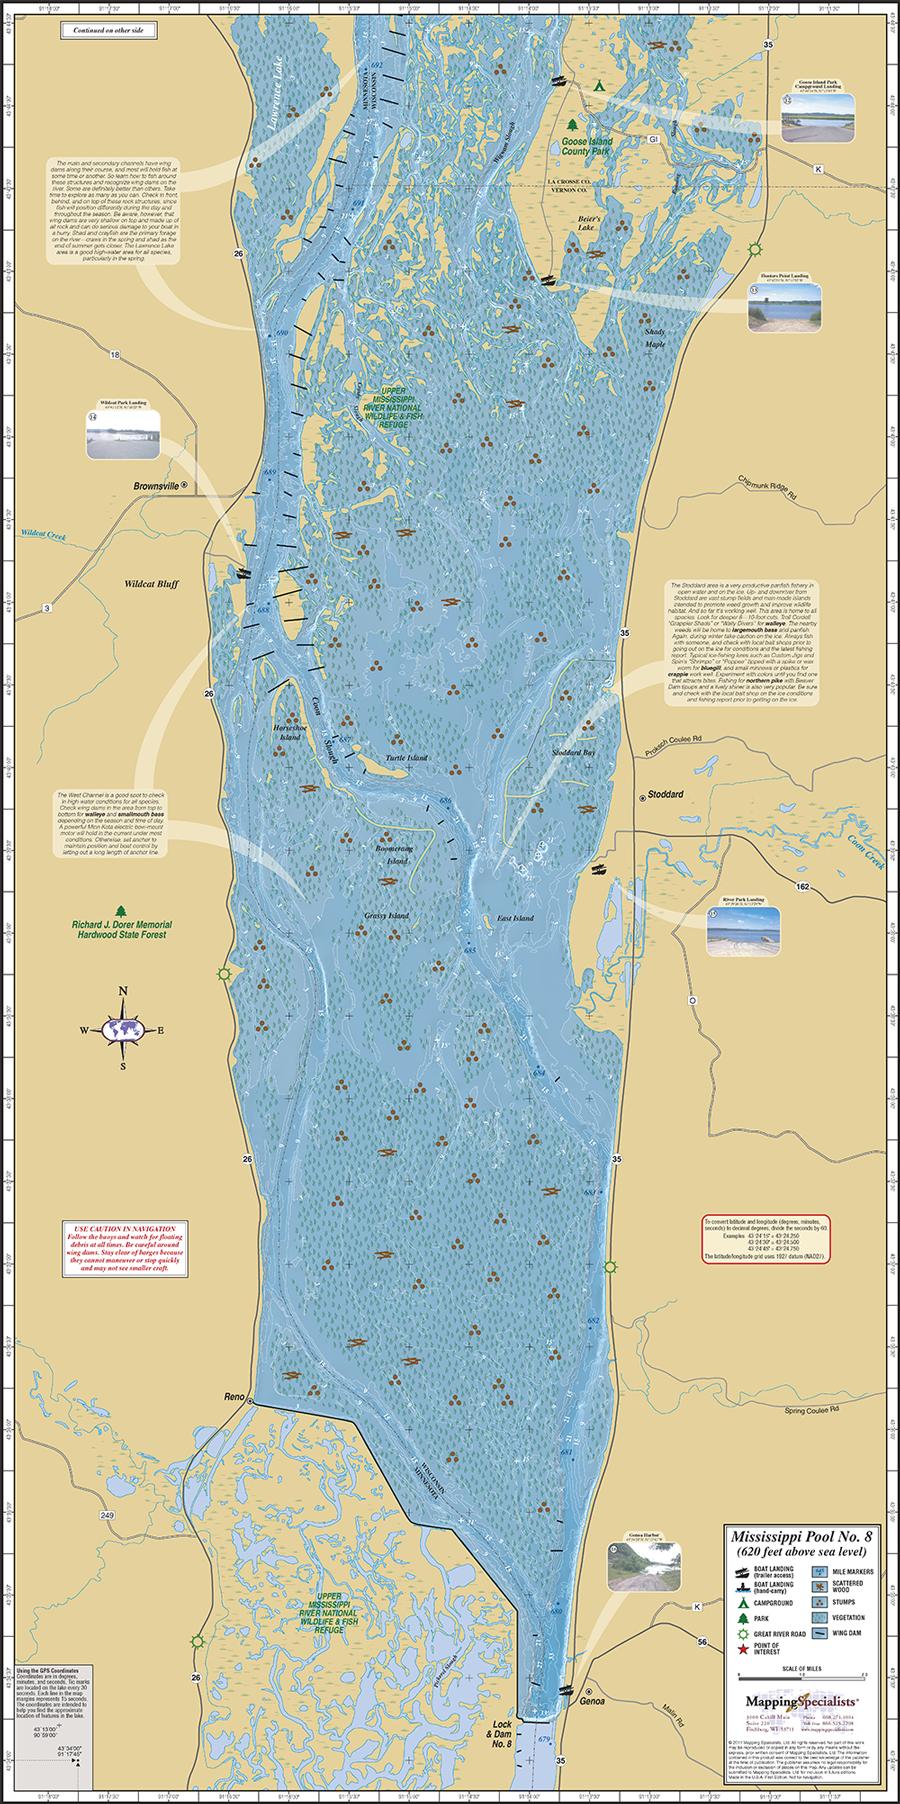 Mississippi River Pool Fold Map - Mississippi river map